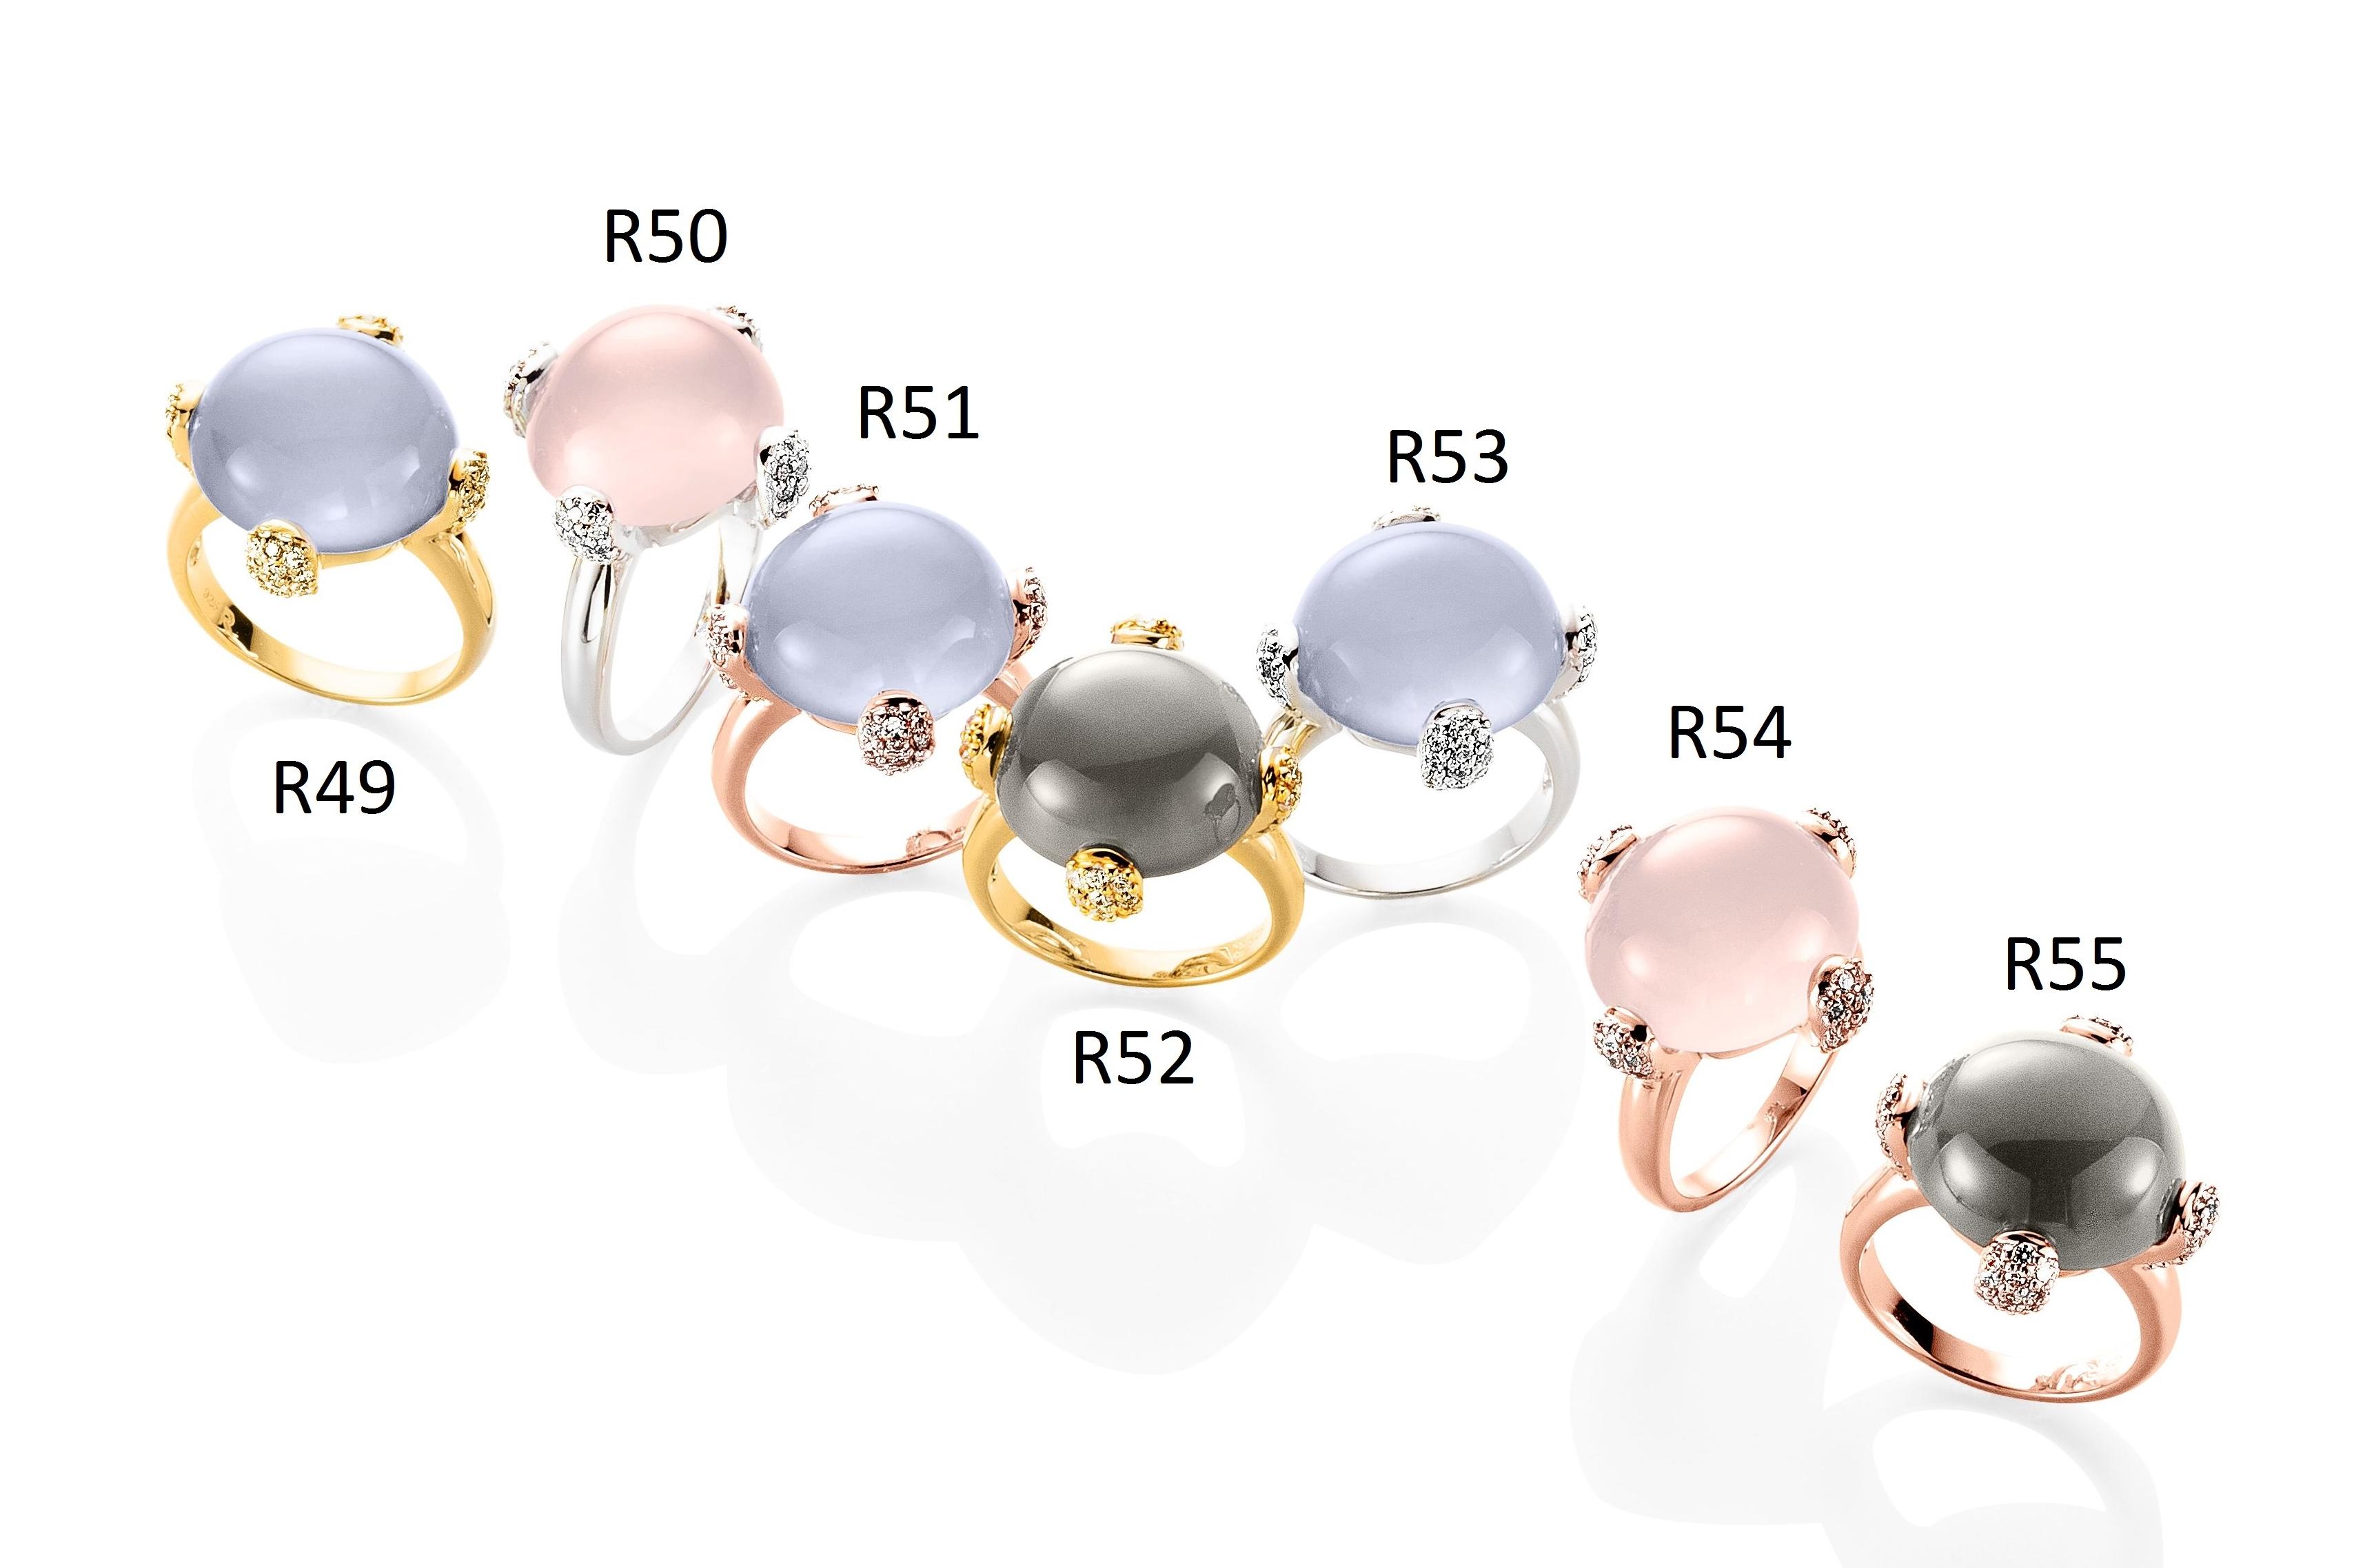 Ratius Ringe verschiedene Farbsteine und Plattierungen R49, R50, R51, R52, R53, R54, R55